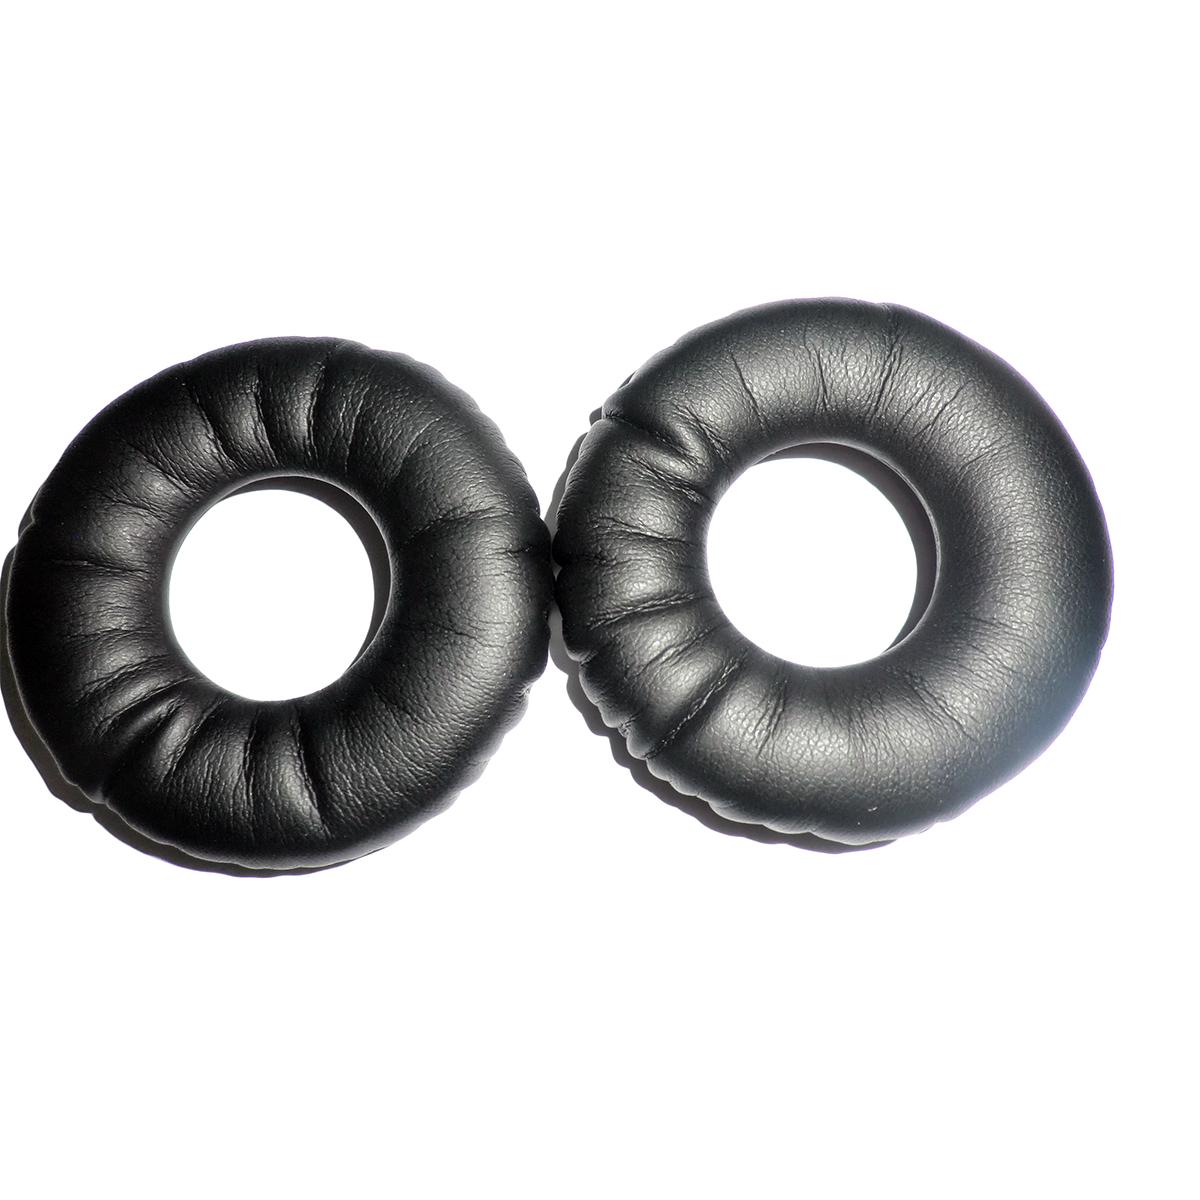 ขาย ฟองน้ำหูฟัง X-Tips รุ่น XT109 สำหรับหูฟัง Sennheiser HD25, PC150, PC151, PC155